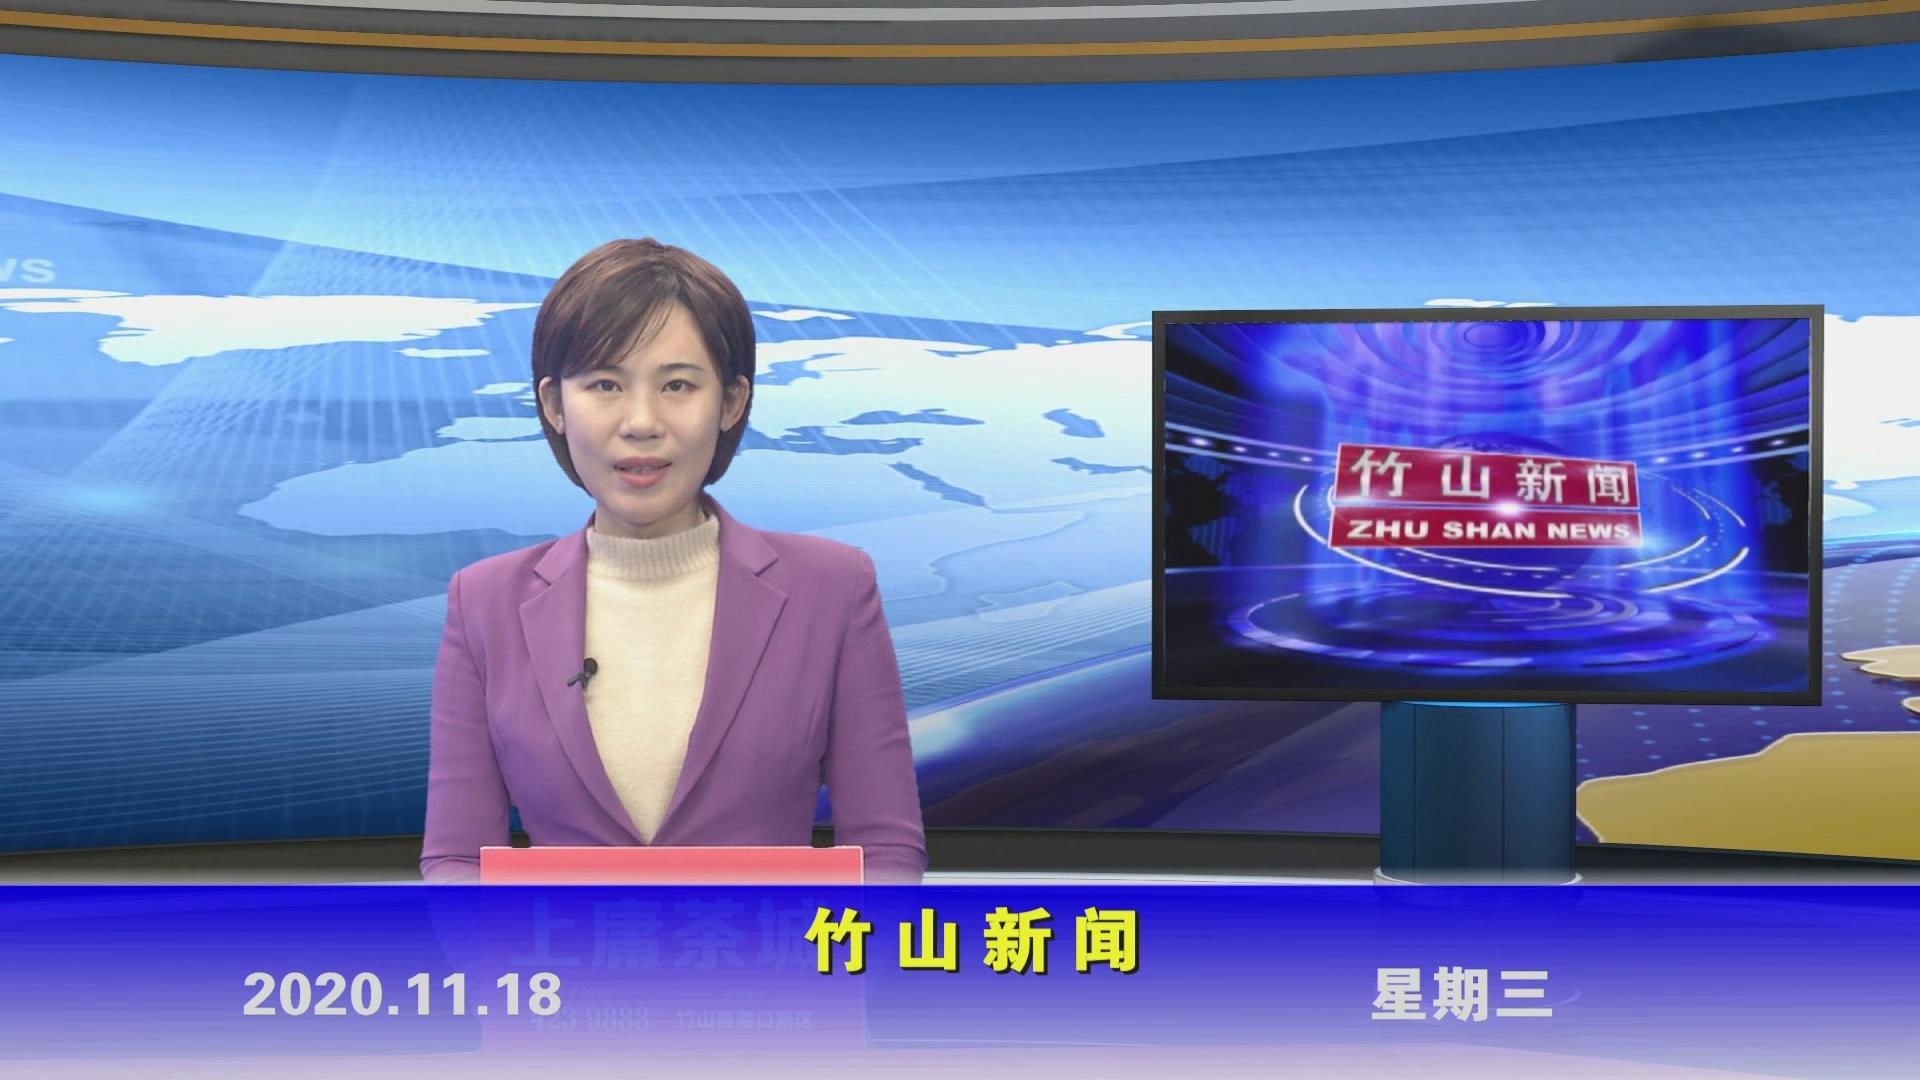 竹山新聞丨2020年11月18日